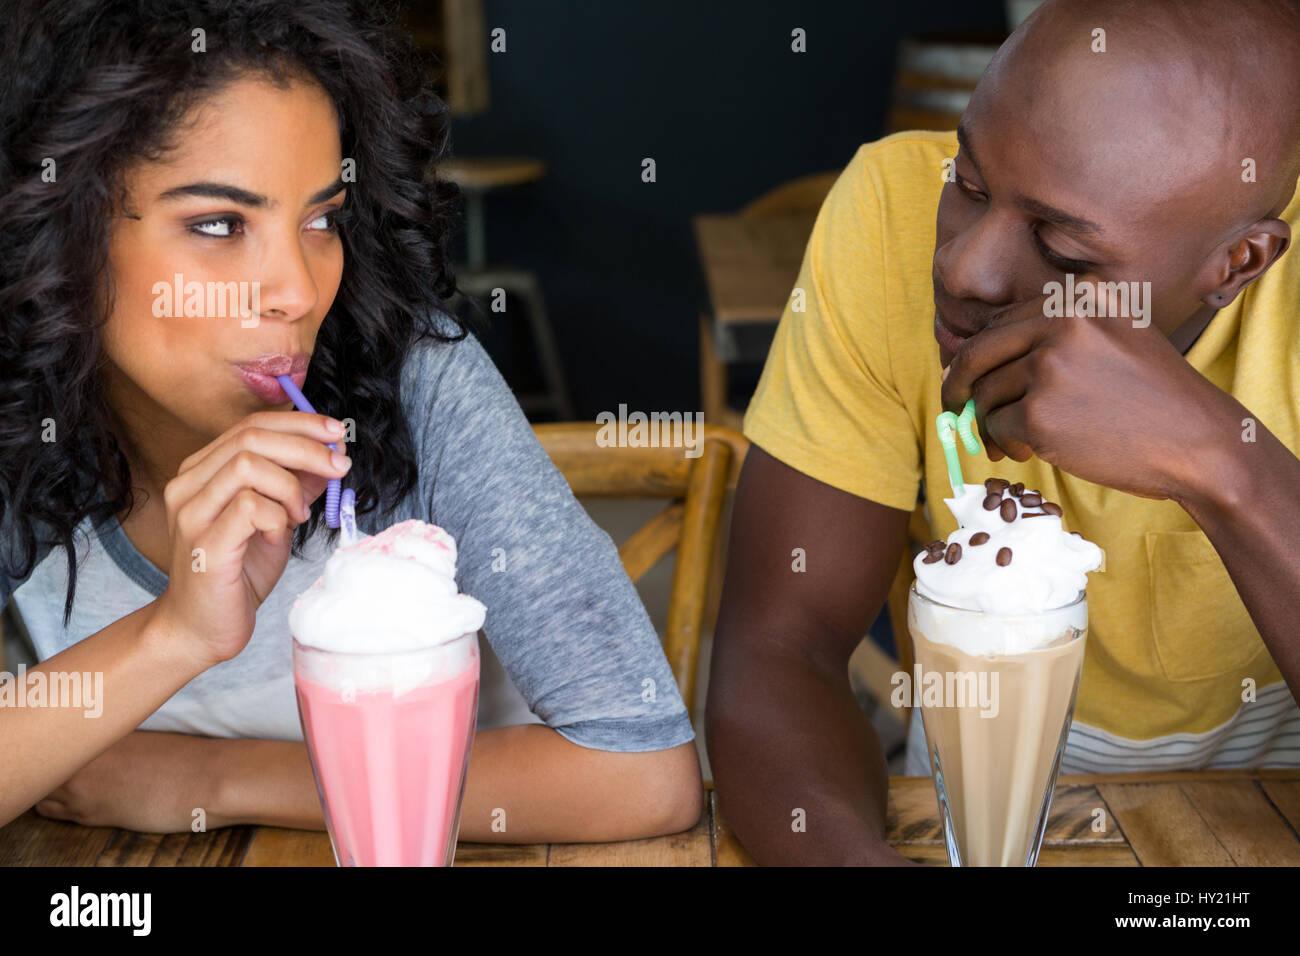 Amorevole coppia giovane avente frappè al tavolo in coffee shop Immagini Stock